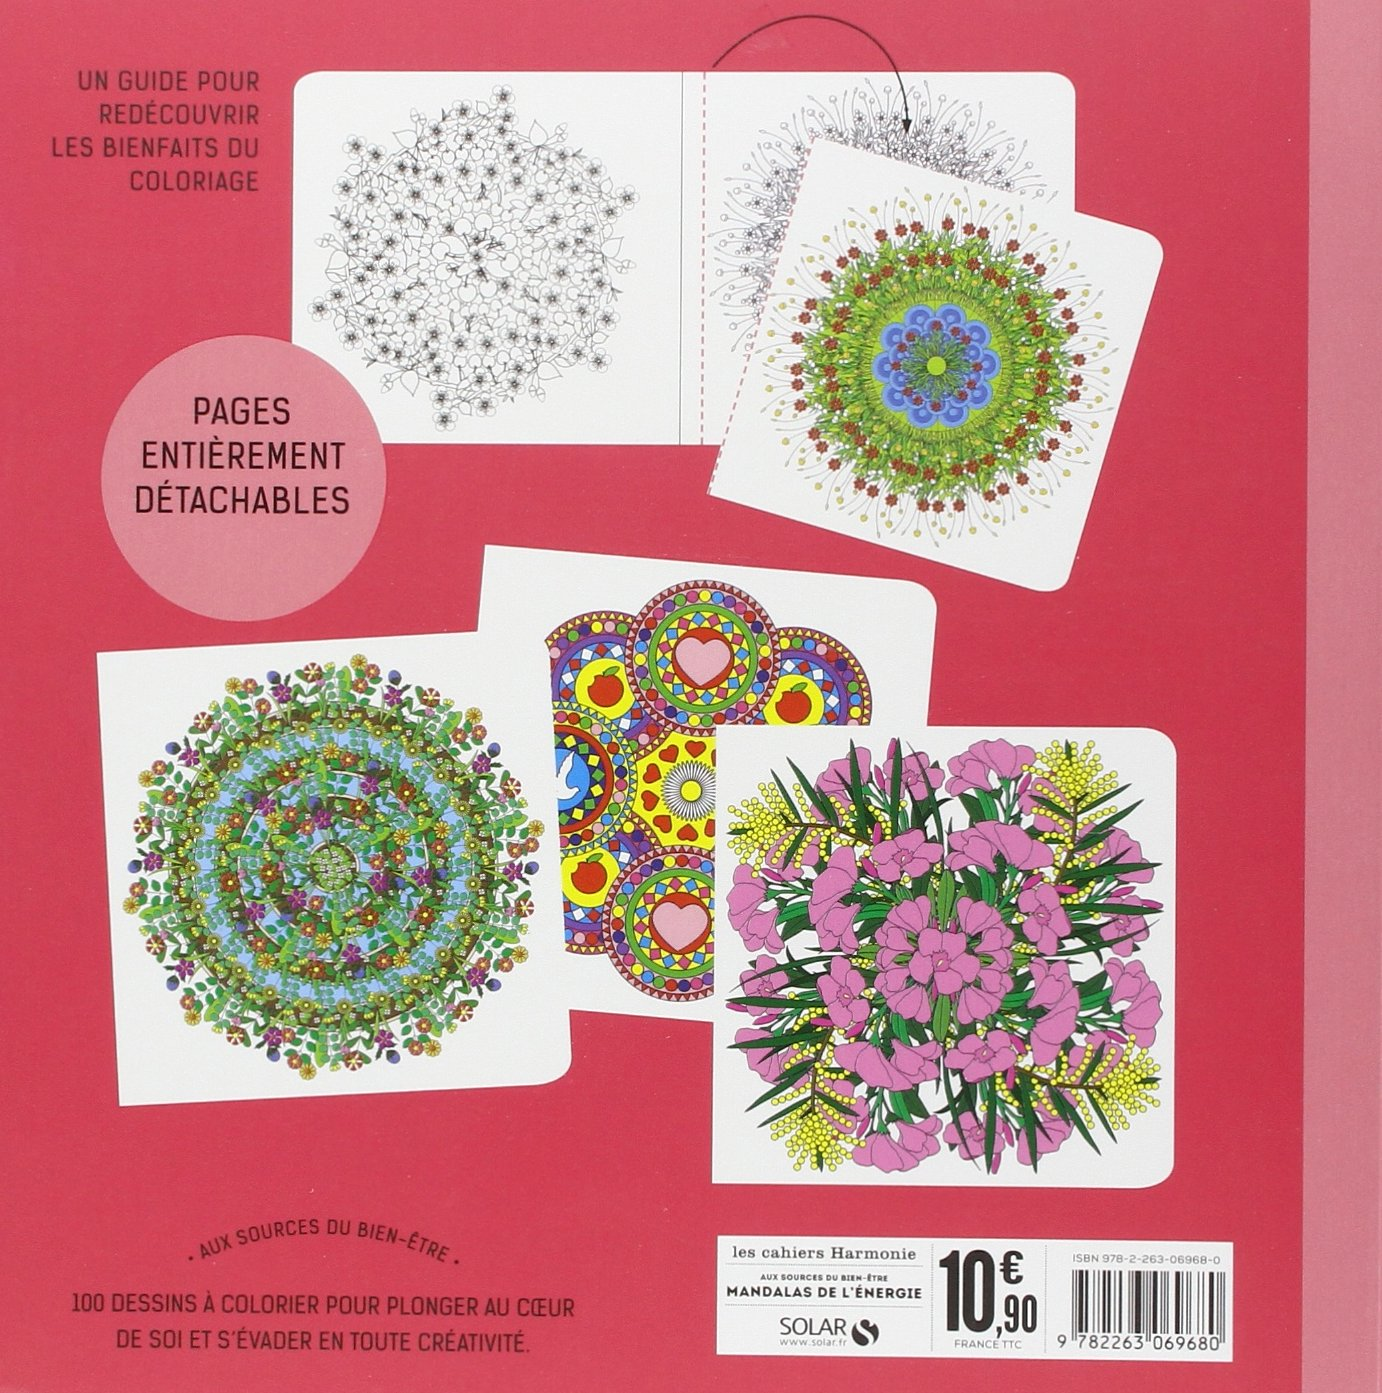 Amazon Mandalas de l énergie Aux sources du bien ªtre Marie GASTAUT Livres